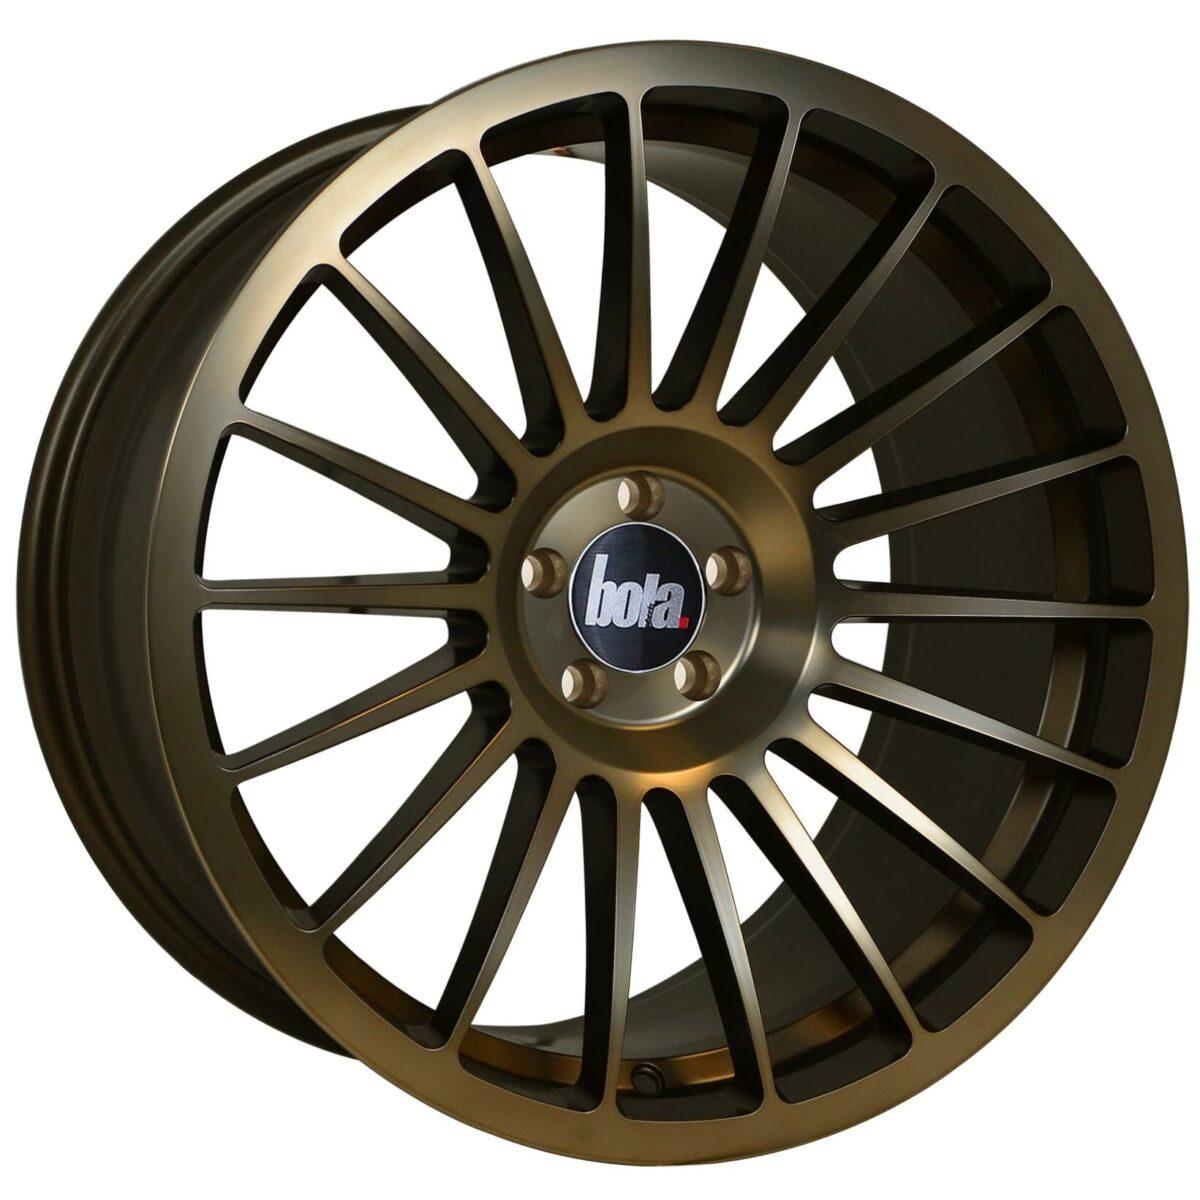 """18"""" BOLA B14 Wheels - Hyper Bronze - VW / Audi / Mercedes - 5x112"""